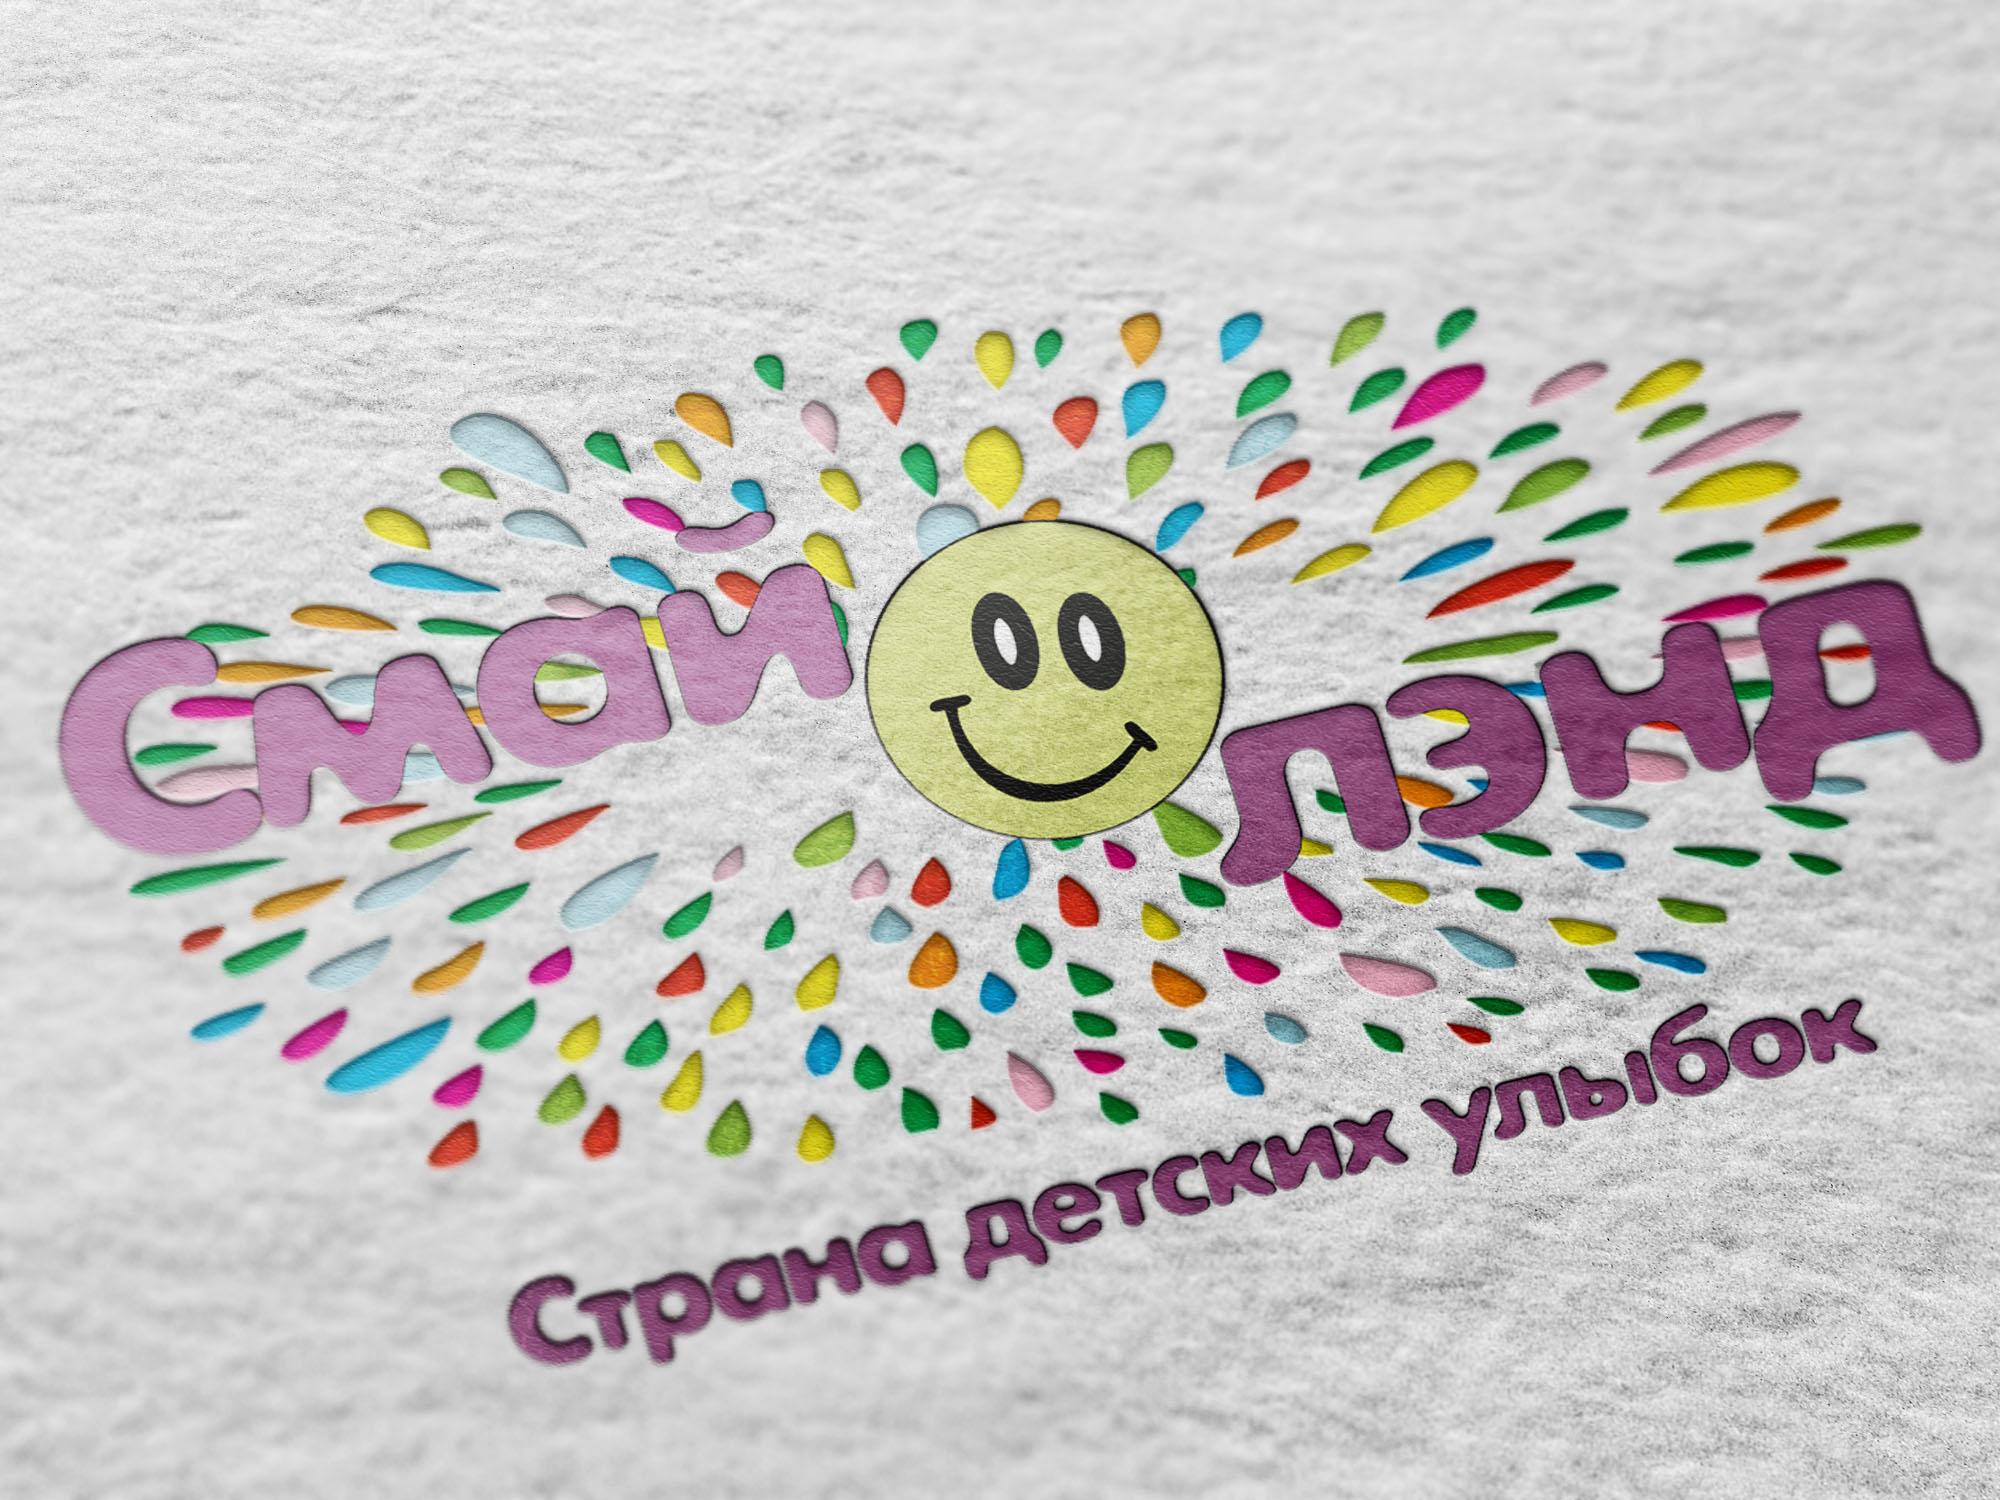 Логотип, стиль для детского игрового центра. фото f_9495a428bef3390a.jpg